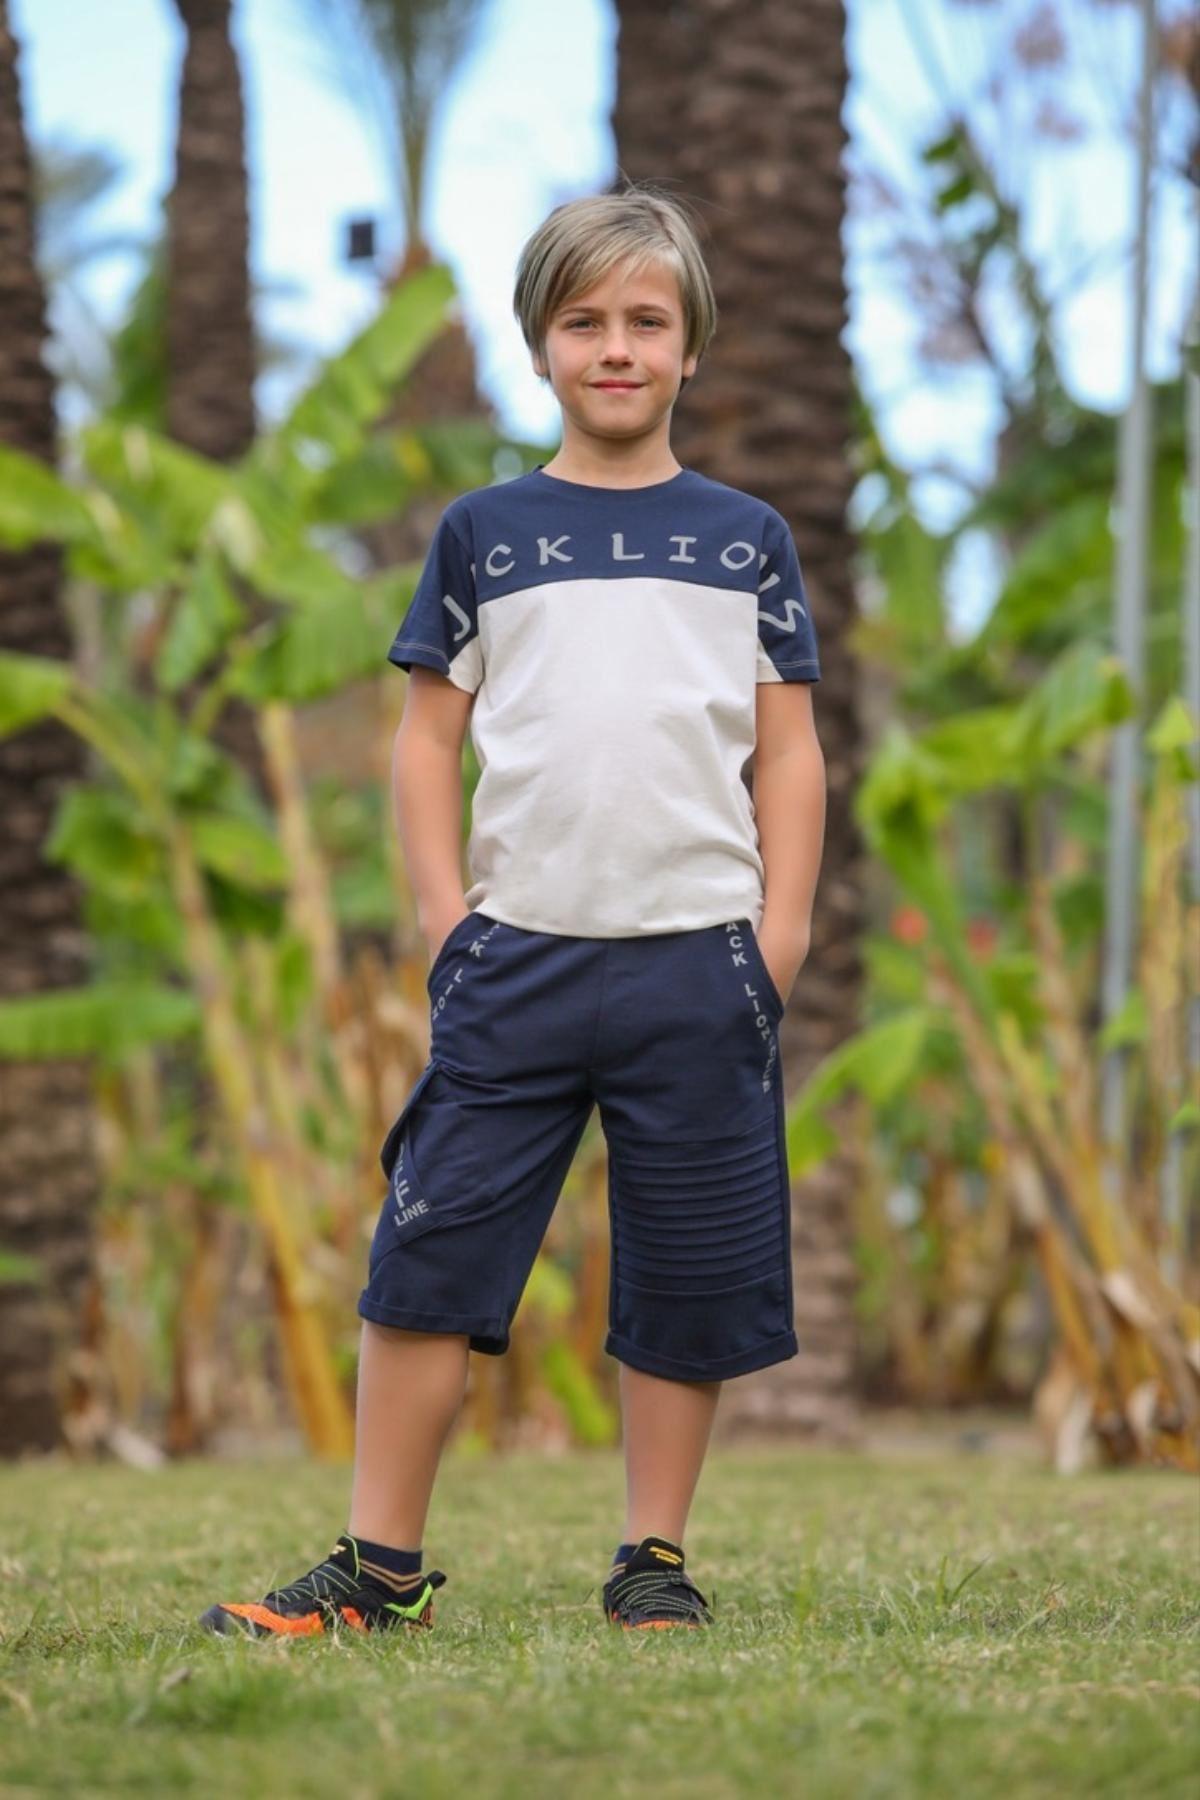 Jack Lıons Erkek Çocuk Takım- Laci